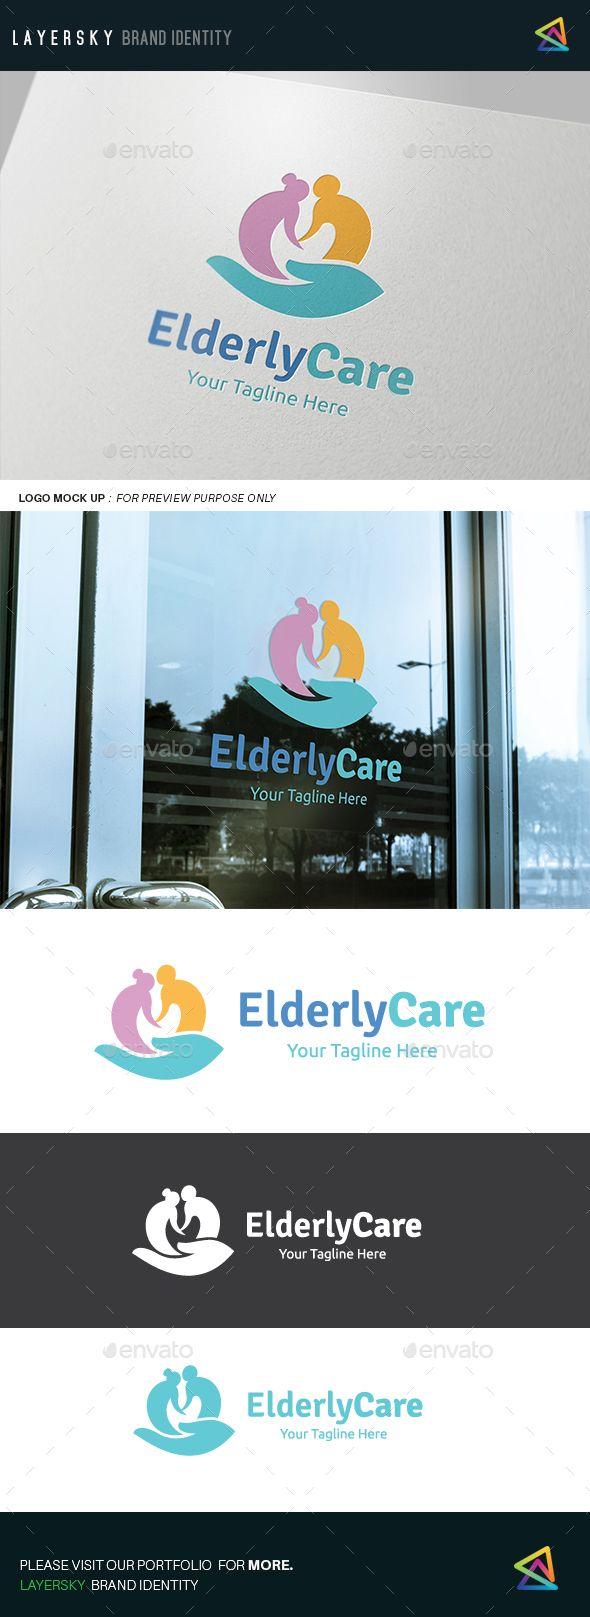 Elderly Care Logo Template Vector EPS, AI. Download here: http://graphicriver.net/item/elderly-care-logo/14209389?ref=ksioks